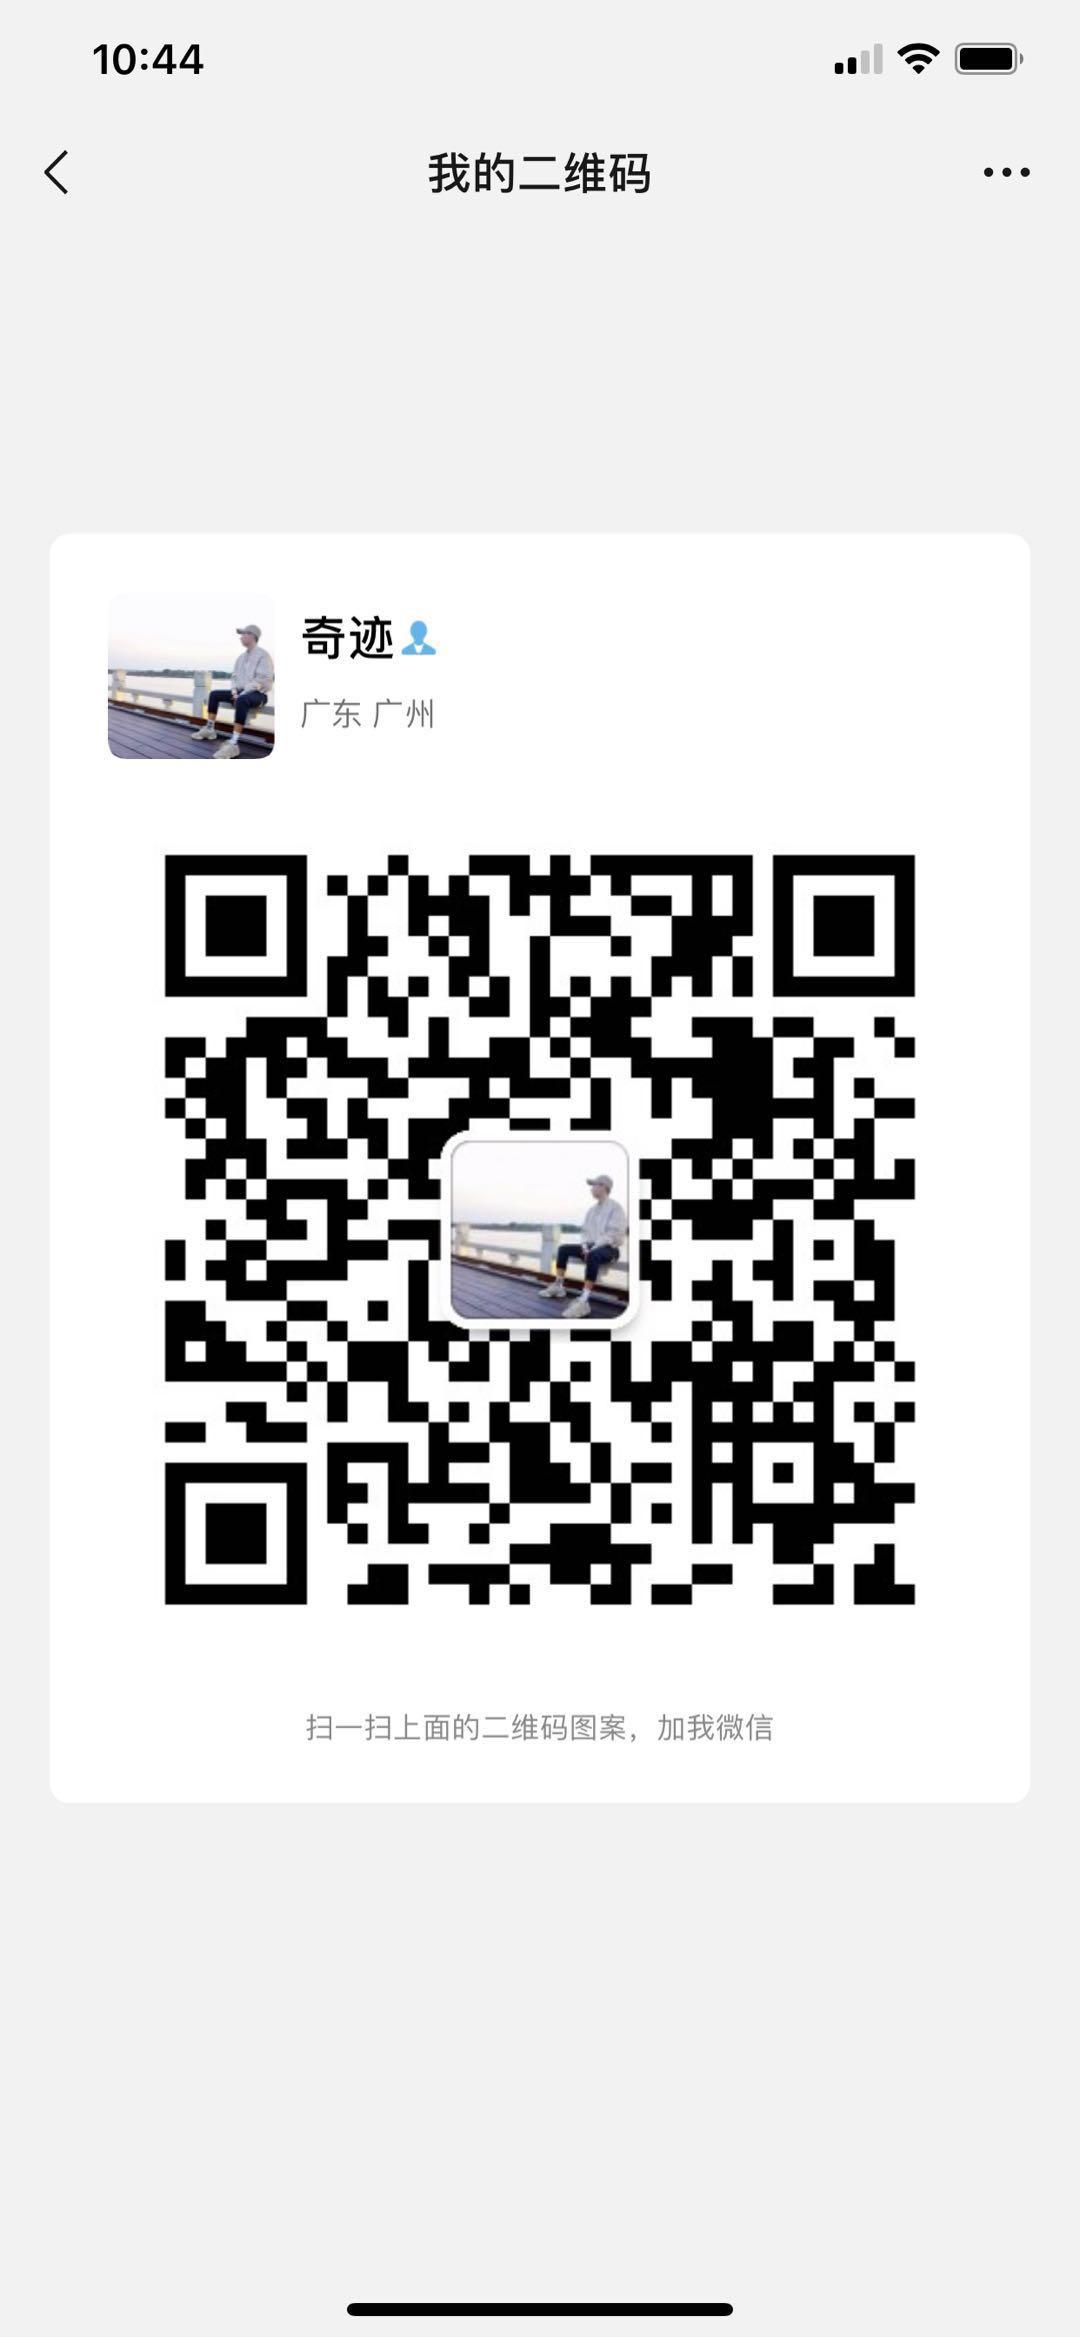 微信图片_20190116104451.jpg